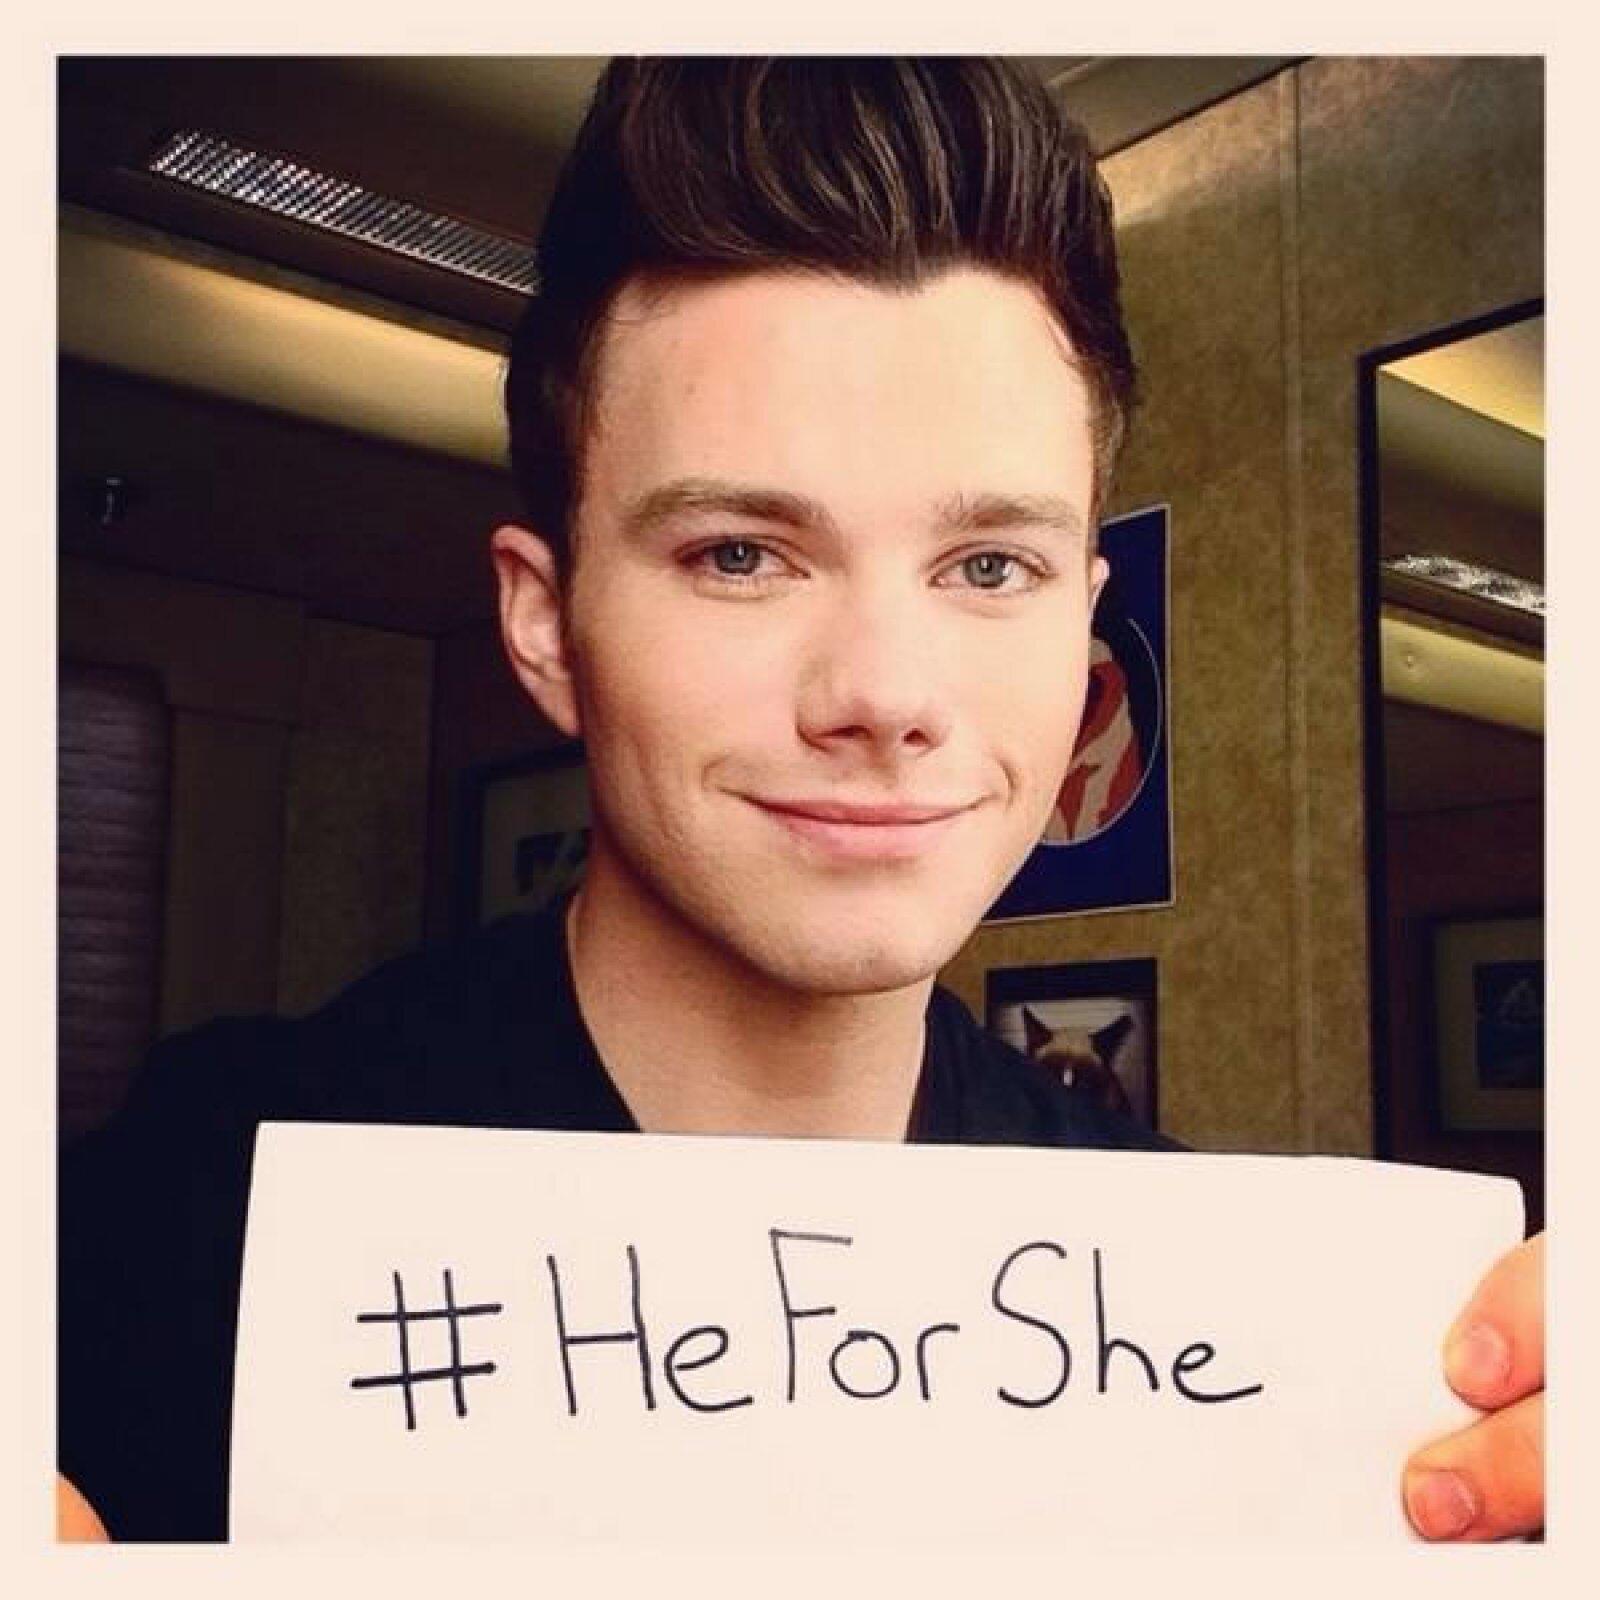 El actor de Glee, Chris Colfer, dijo: `#HeForShe es una gran causa que apoyar. Estoy orgulloso de ti, Emma Watson.´